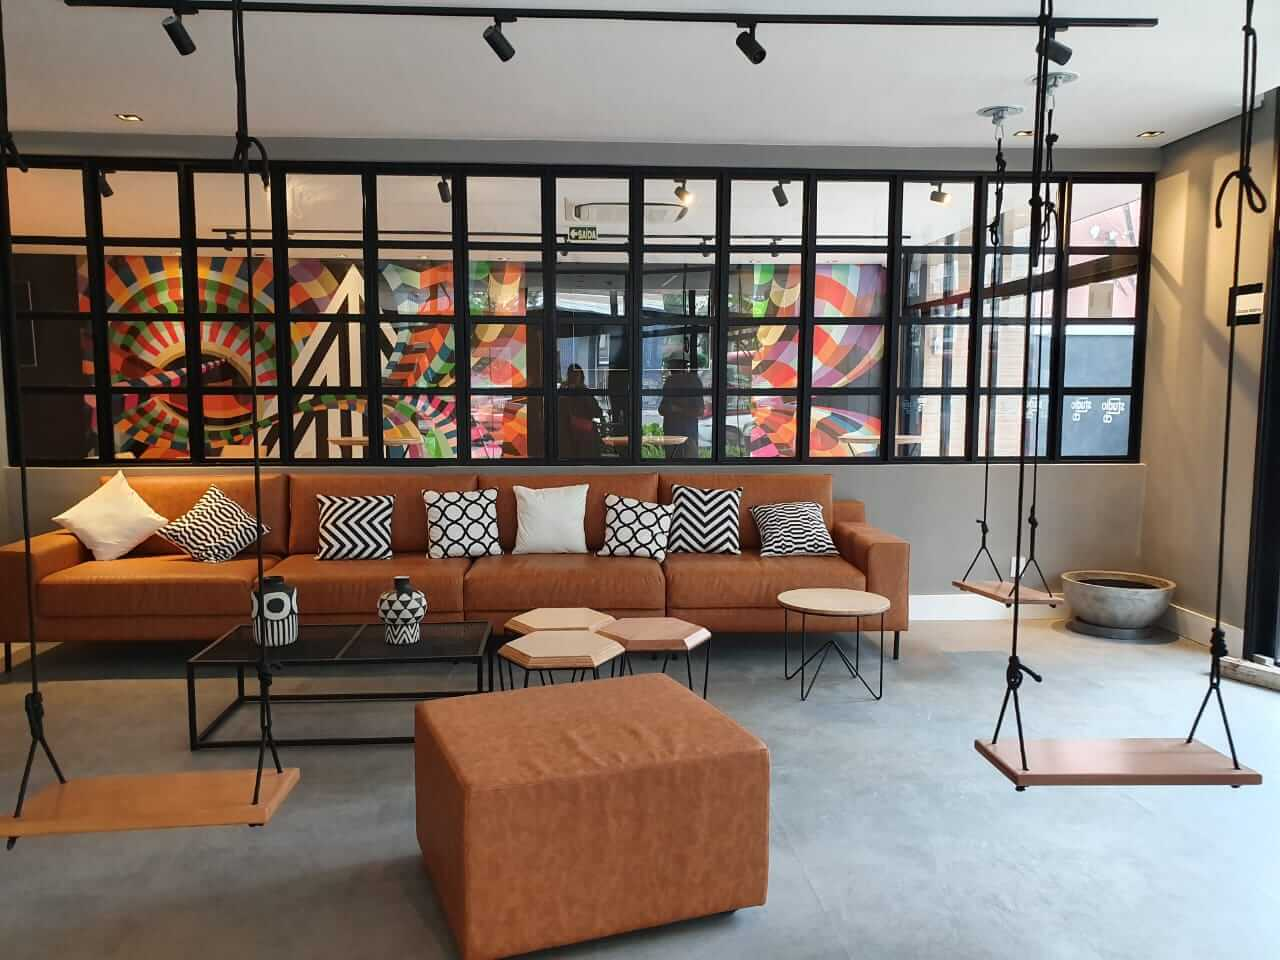 - Empreendimento: Studio CB - ProjetoWB Arquitetura (Fotos: Elvira Forttuna @elviraforttuna) - Áreas comuns do prédio